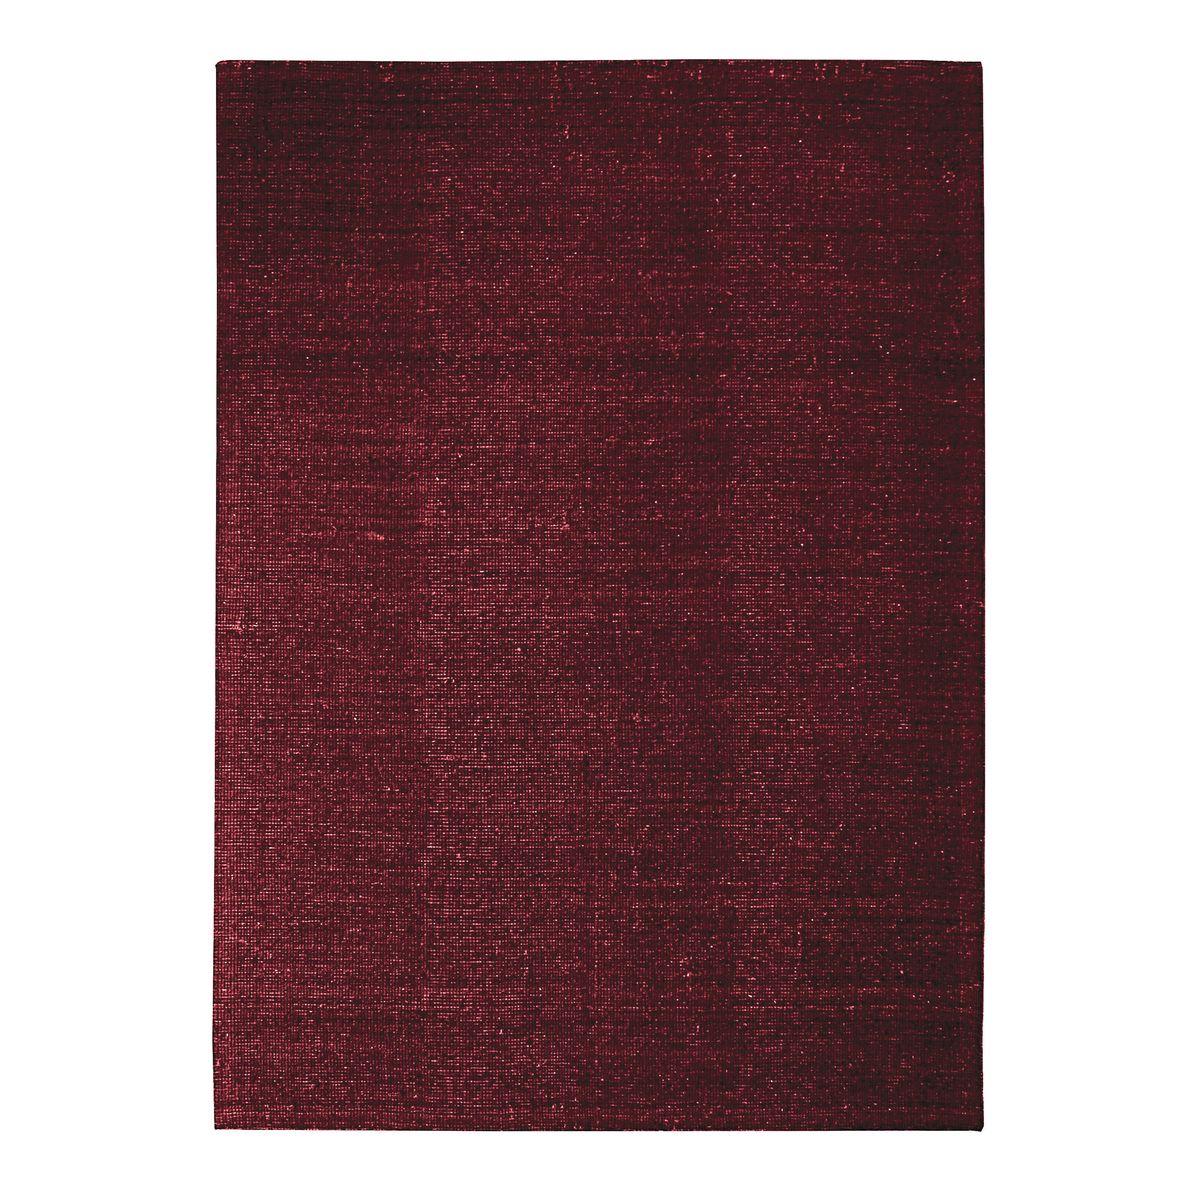 Tapis en laine et coton rouge foncé 120x170